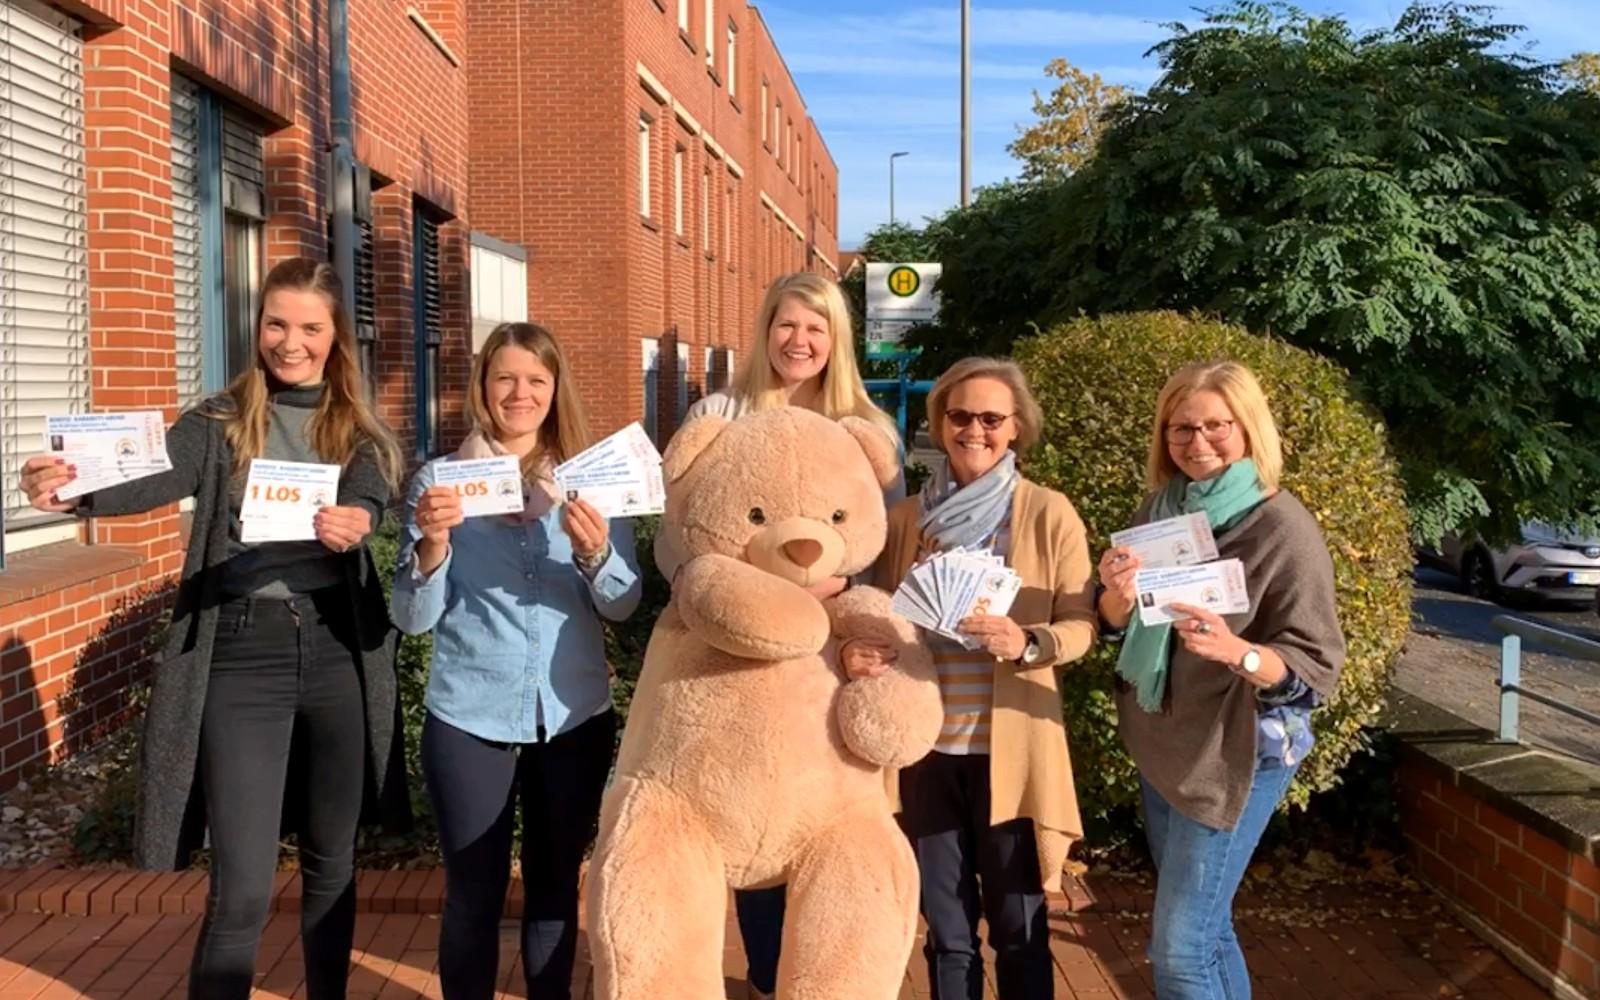 Mitarbeiterinnen des Dorstener Amtes für Jugend, Familie und Schule mit den Eintrittskarten für die Kabarett-Gala und Losen für die Reisetombola